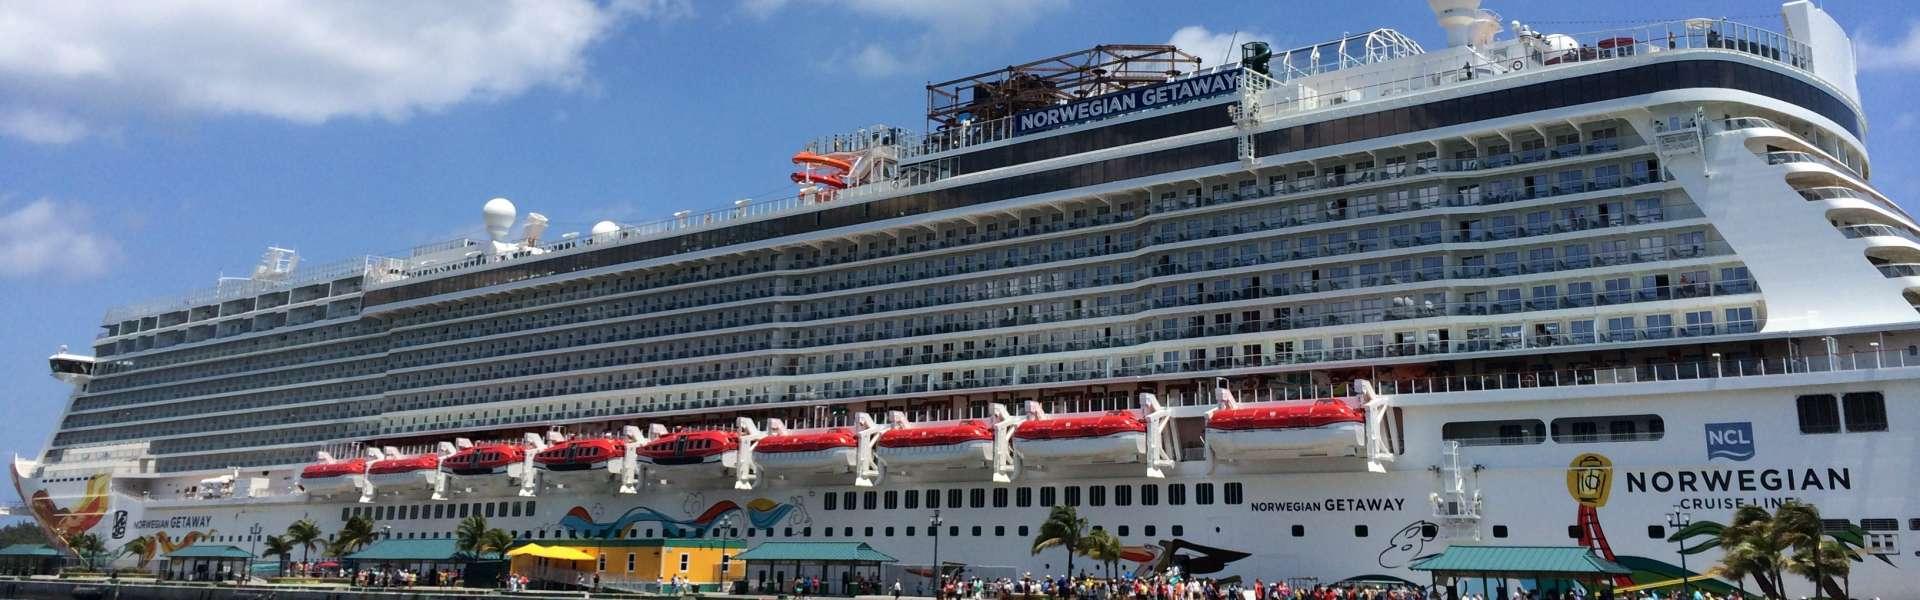 Croaziera 2019 - Baltice/Rusia (Copenhaga) - Nowegian Cruise Line - Norwegian Getaway - 9 nopti